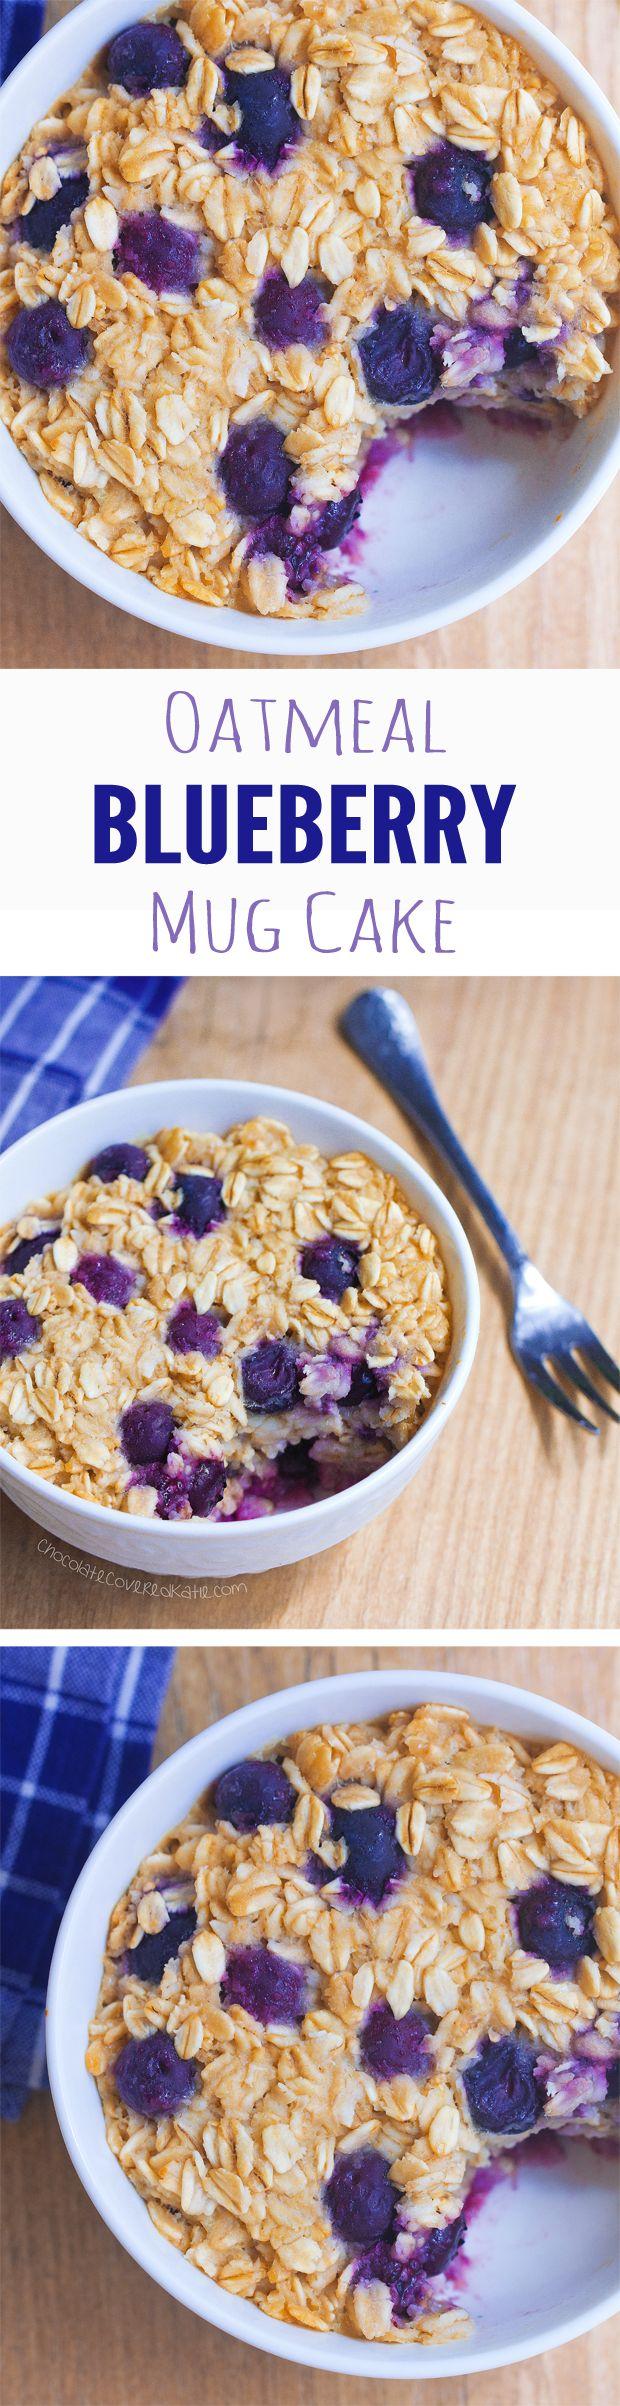 Blueberry Baked Oatmeal Mug Cake